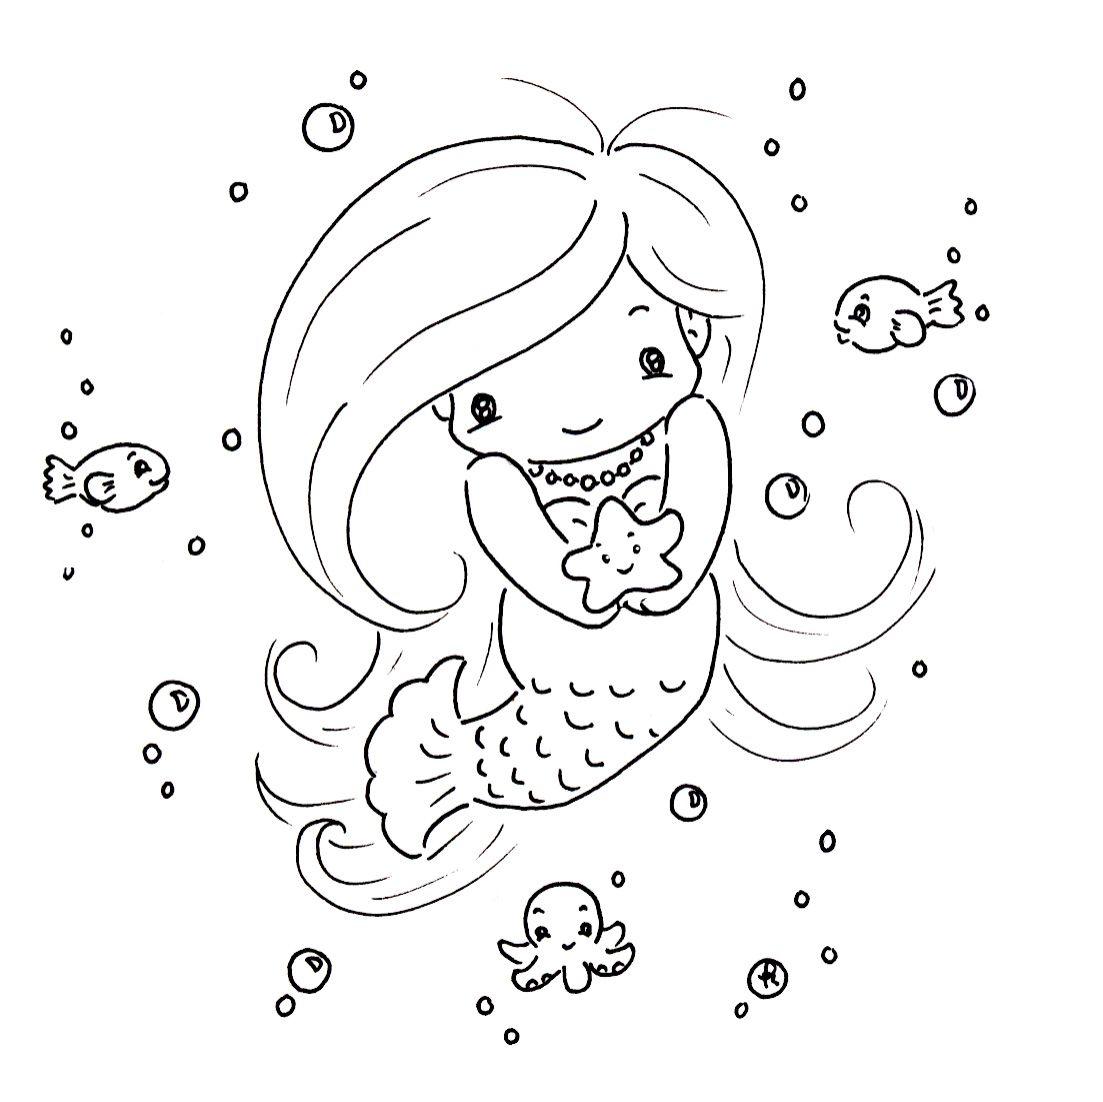 Sliekje Digi Stamps Mermaid Coloring Pages Coloring Pages Mermaid Coloring